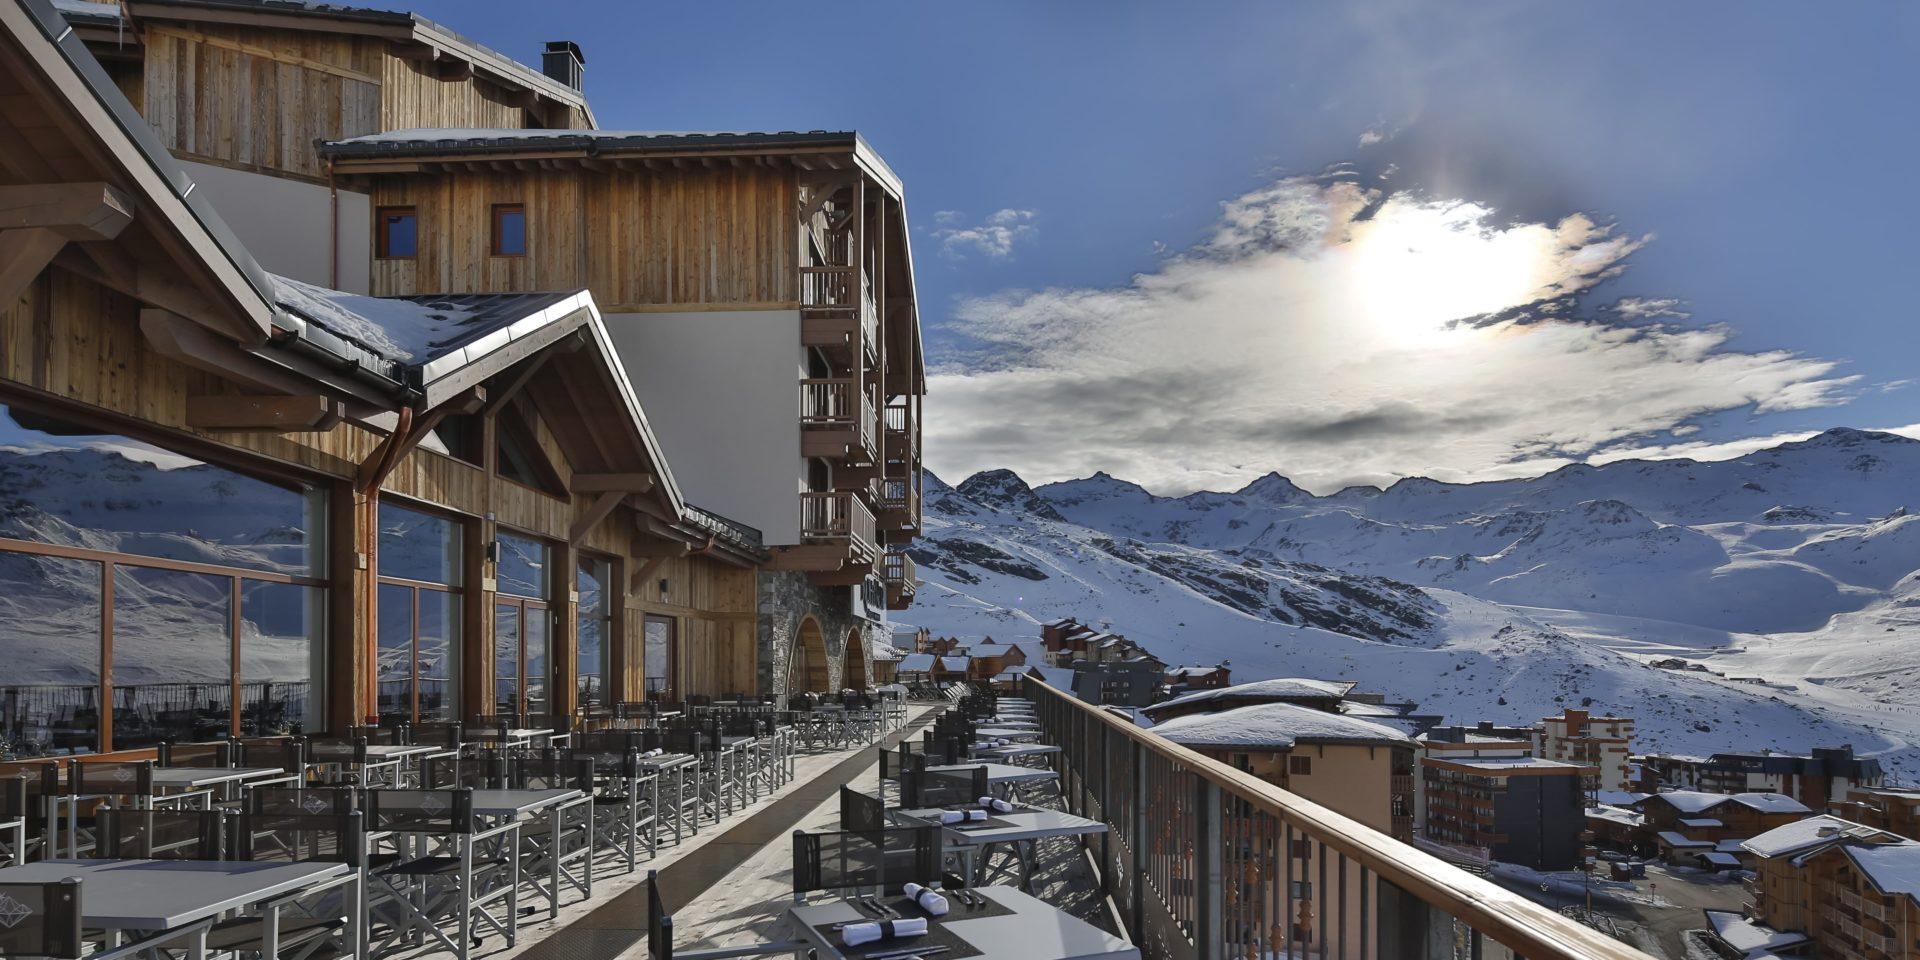 Koh I Nor Val Thorens Les 3 Vallees Frankrijk wintersport skivakantie luxe groot terras tafels stoelen uitzicht sneeuw bergen dorp